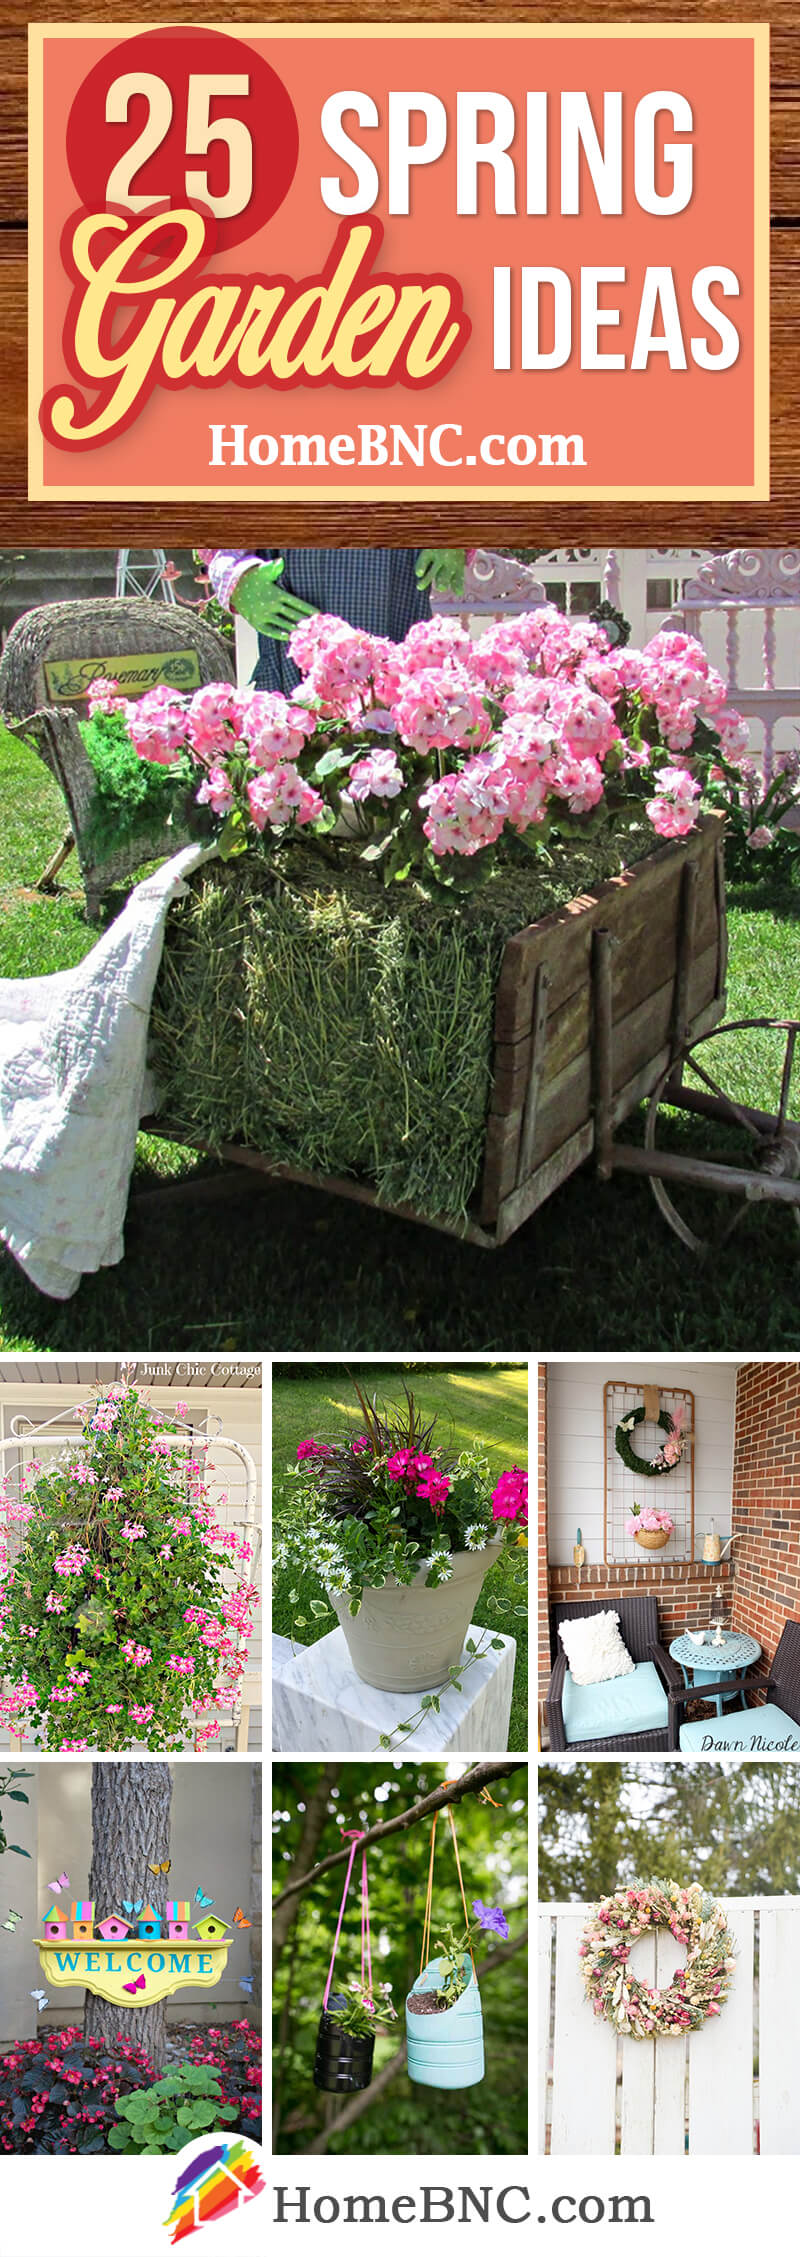 Best Spring Garden Ideas